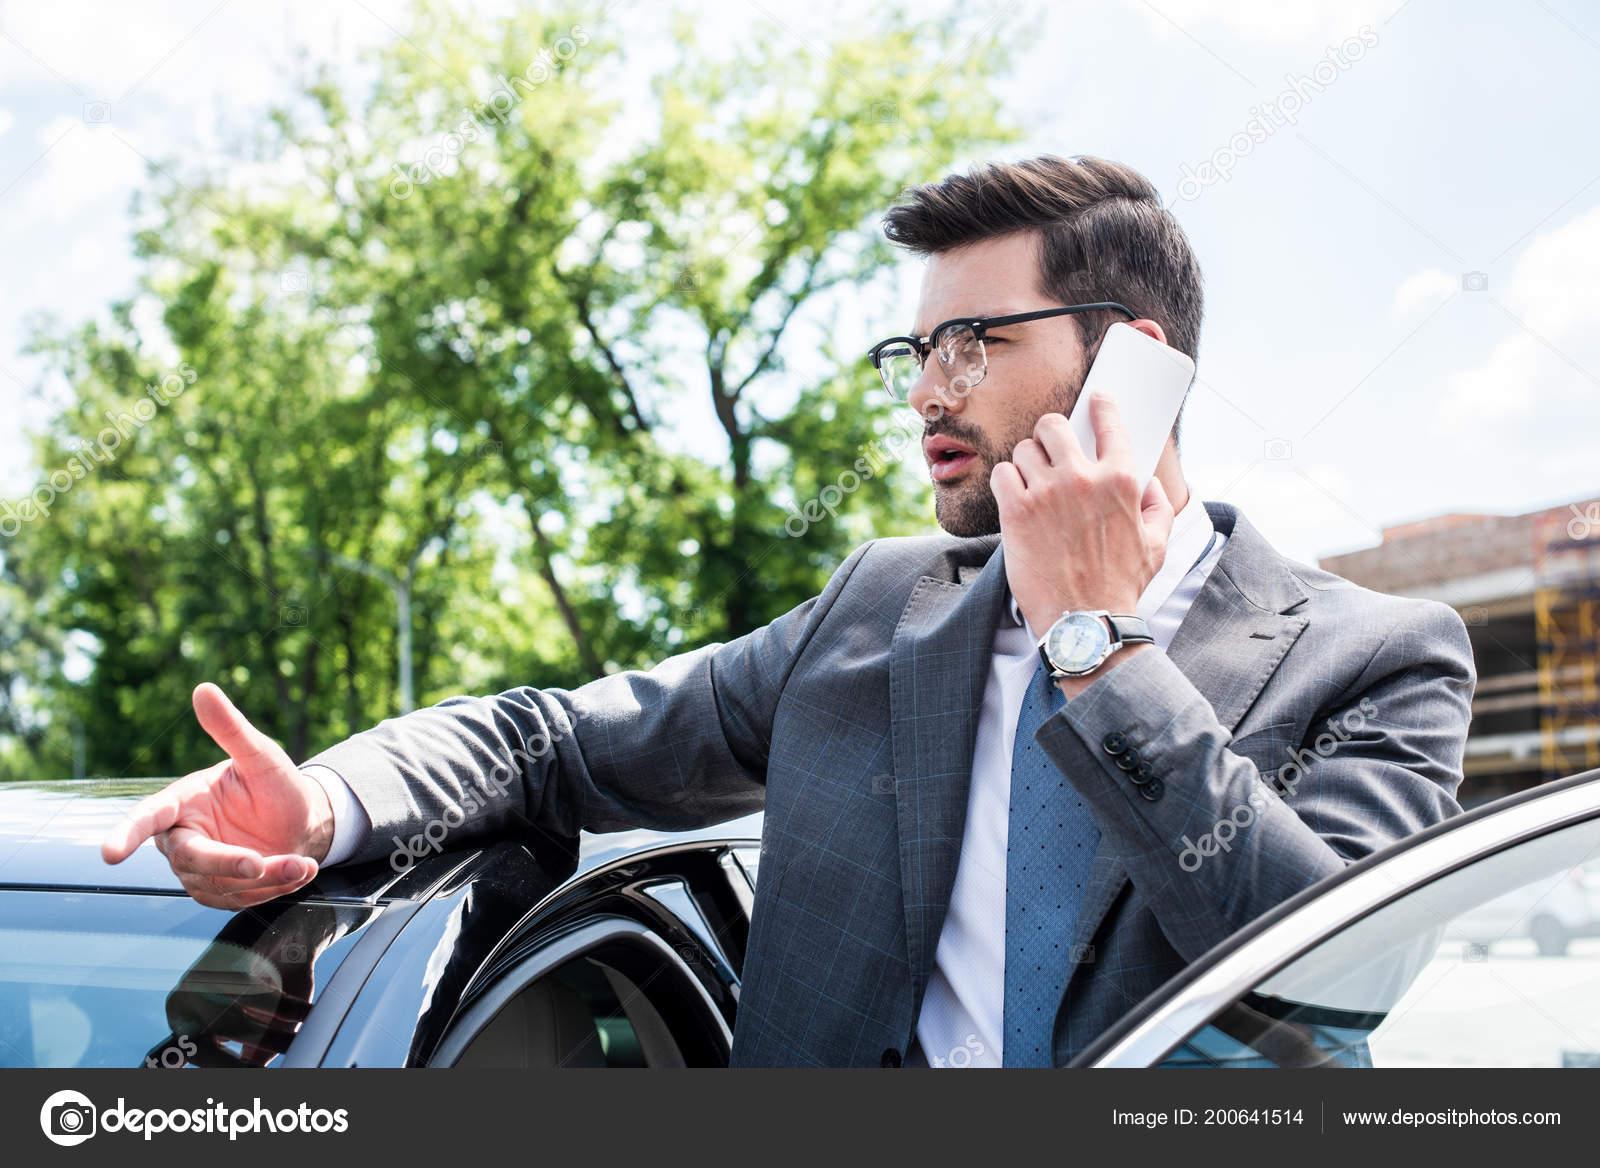 954f52a7bd Empresario Gafas Hablando Teléfono Inteligente Estando Cerca Coche Calle —  Foto de Stock